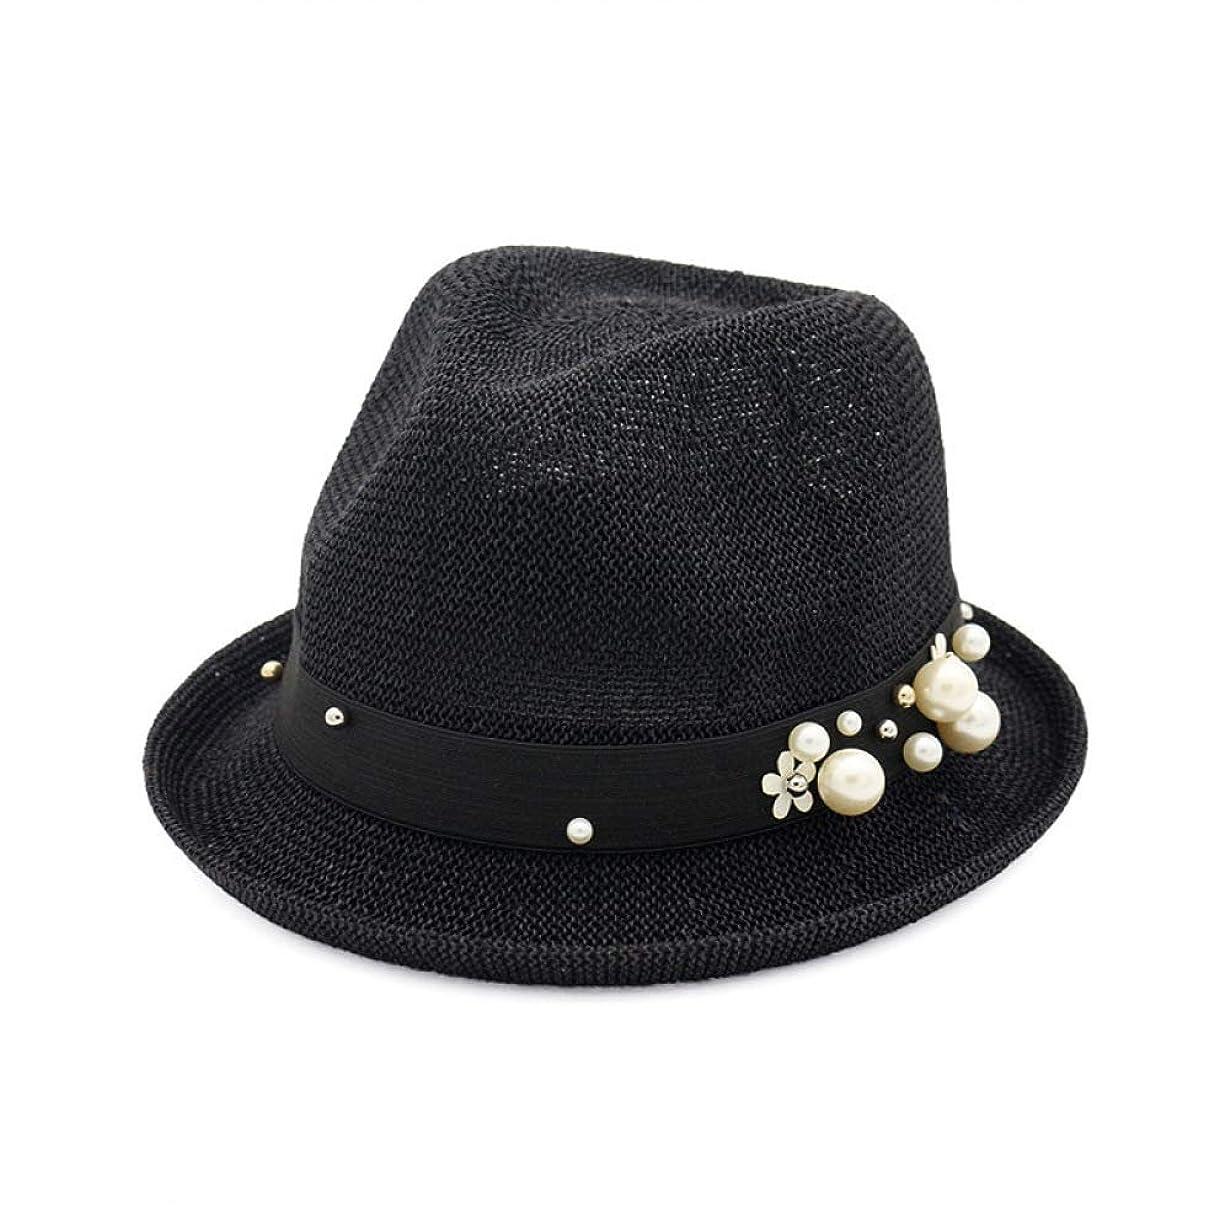 寓話変化緊張EUEMCH夏の帽子の女性の太陽の帽子の日焼け止めの 折り畳み式の夏の麦わら帽子のビーチの太陽の帽子